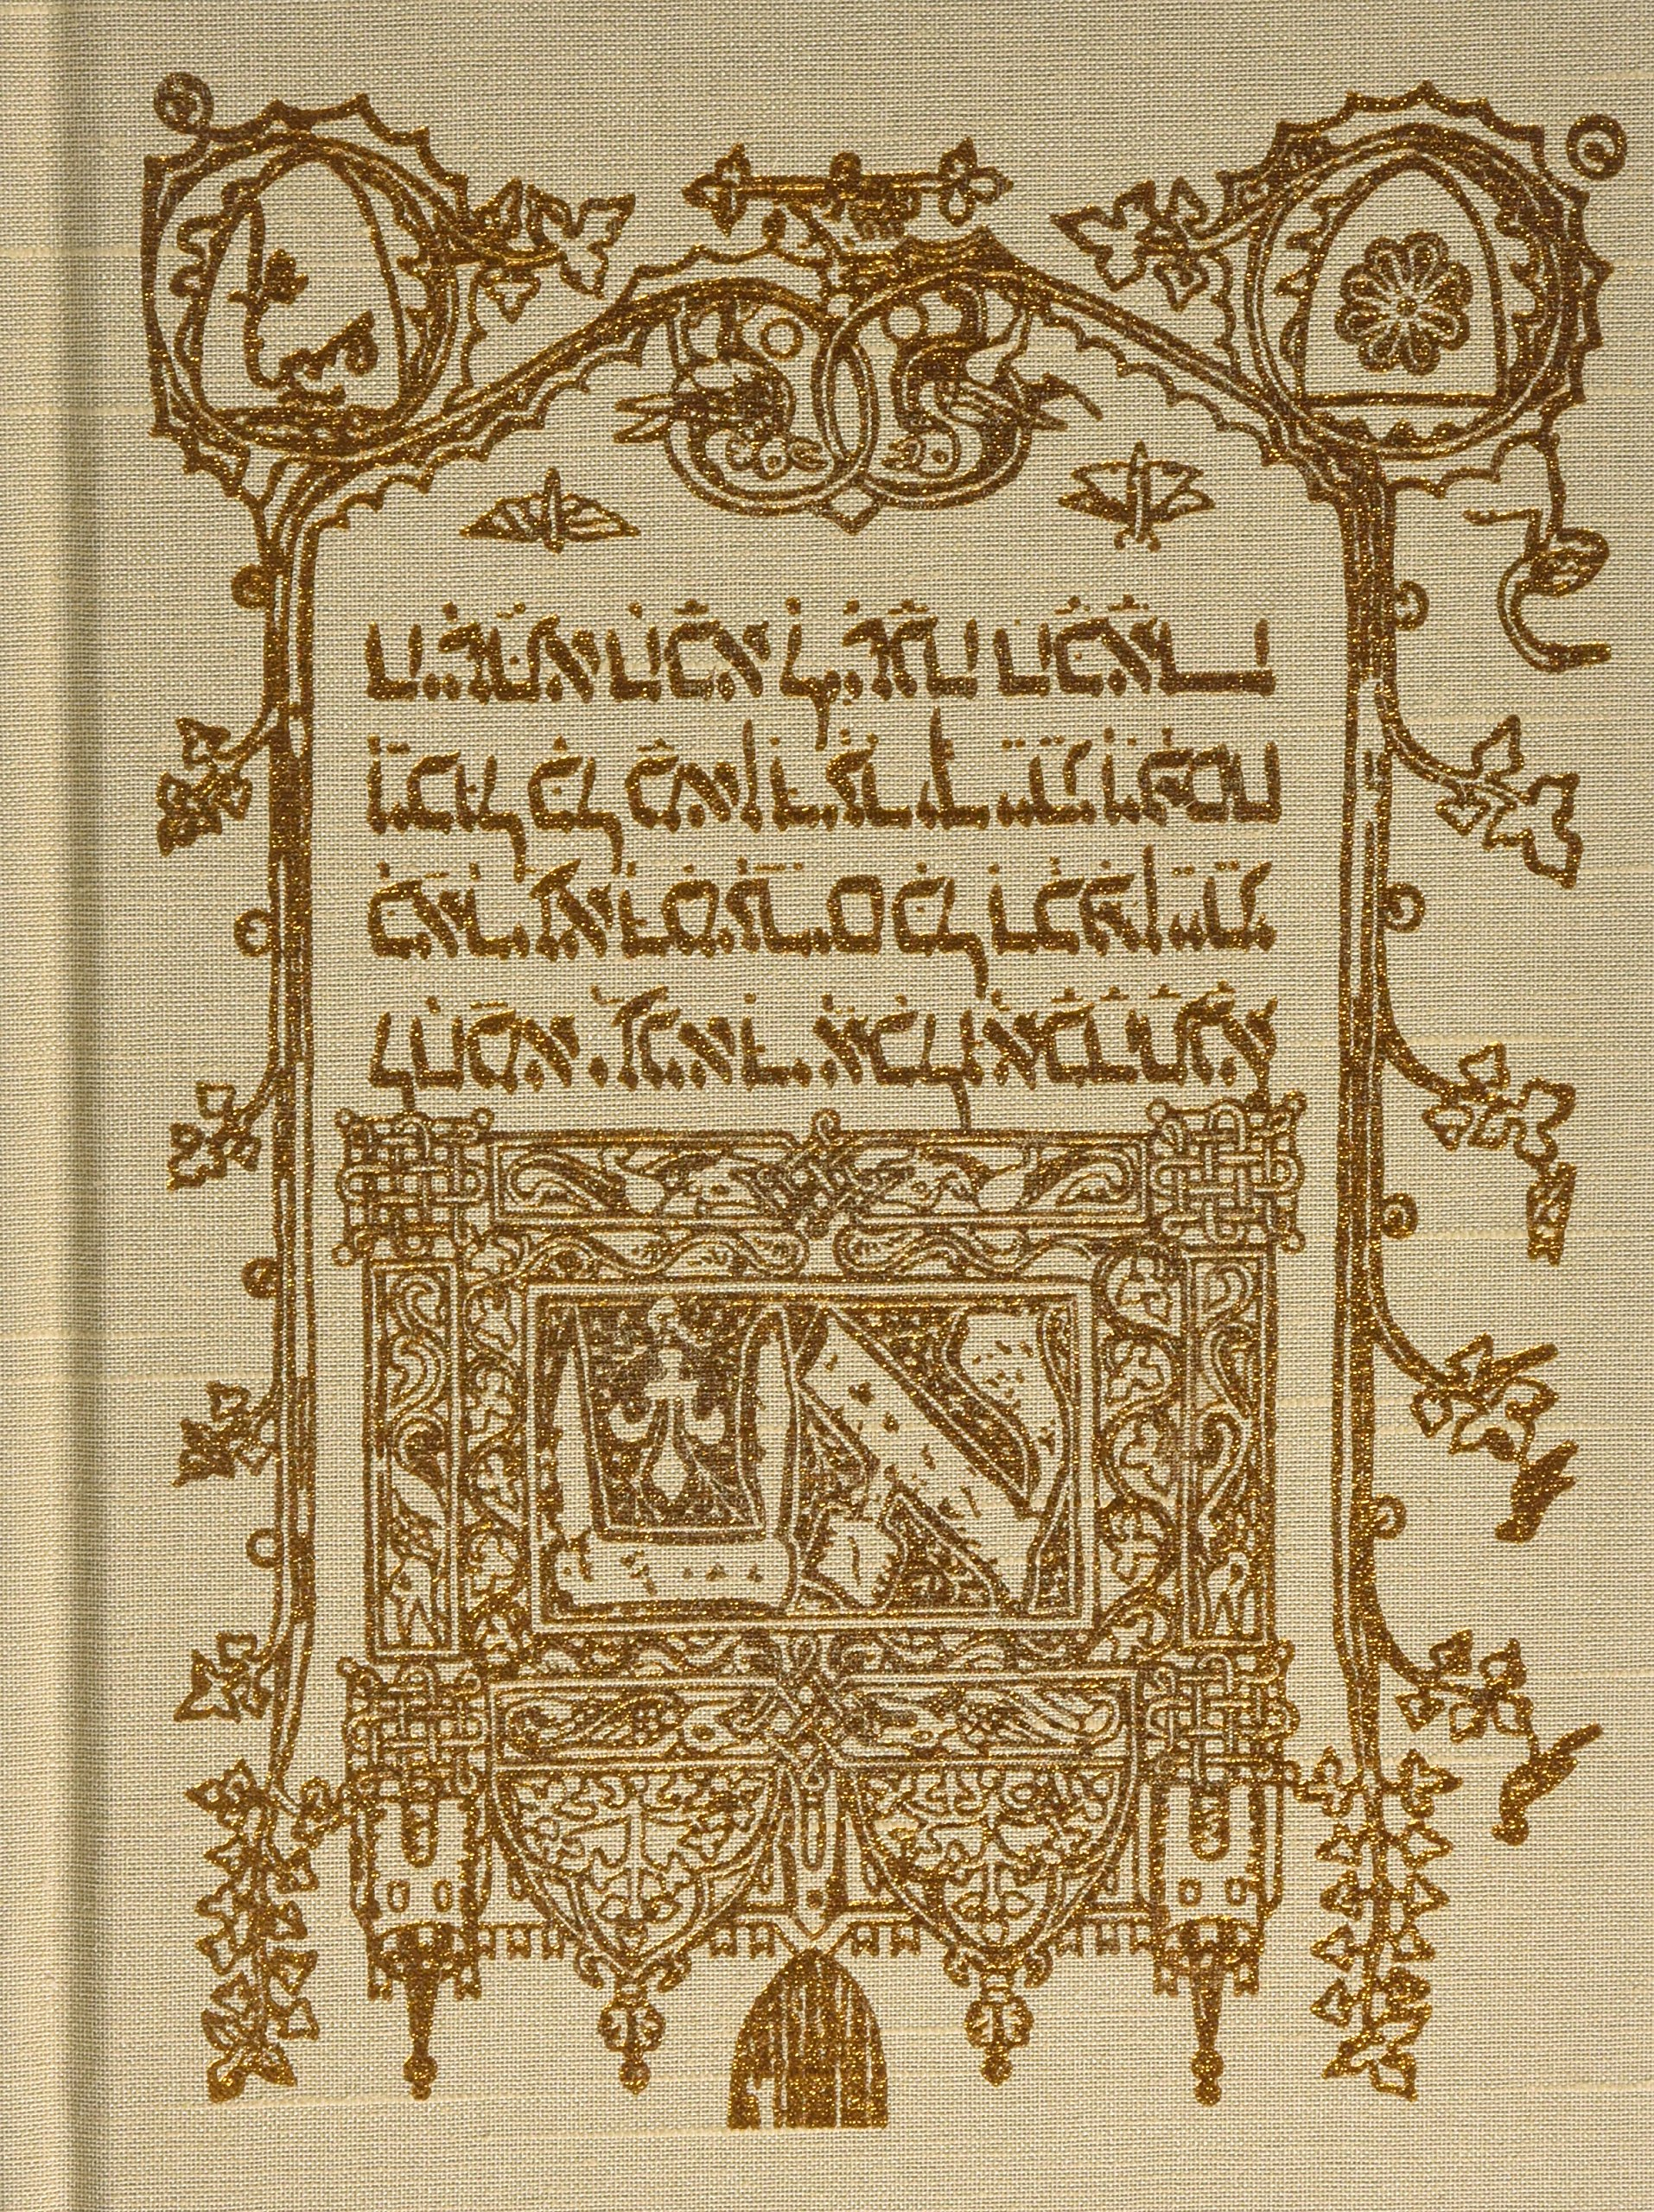 The Sarajevo Haggadah: Geraldine Brooks: 9781590201893: Amazon: Books